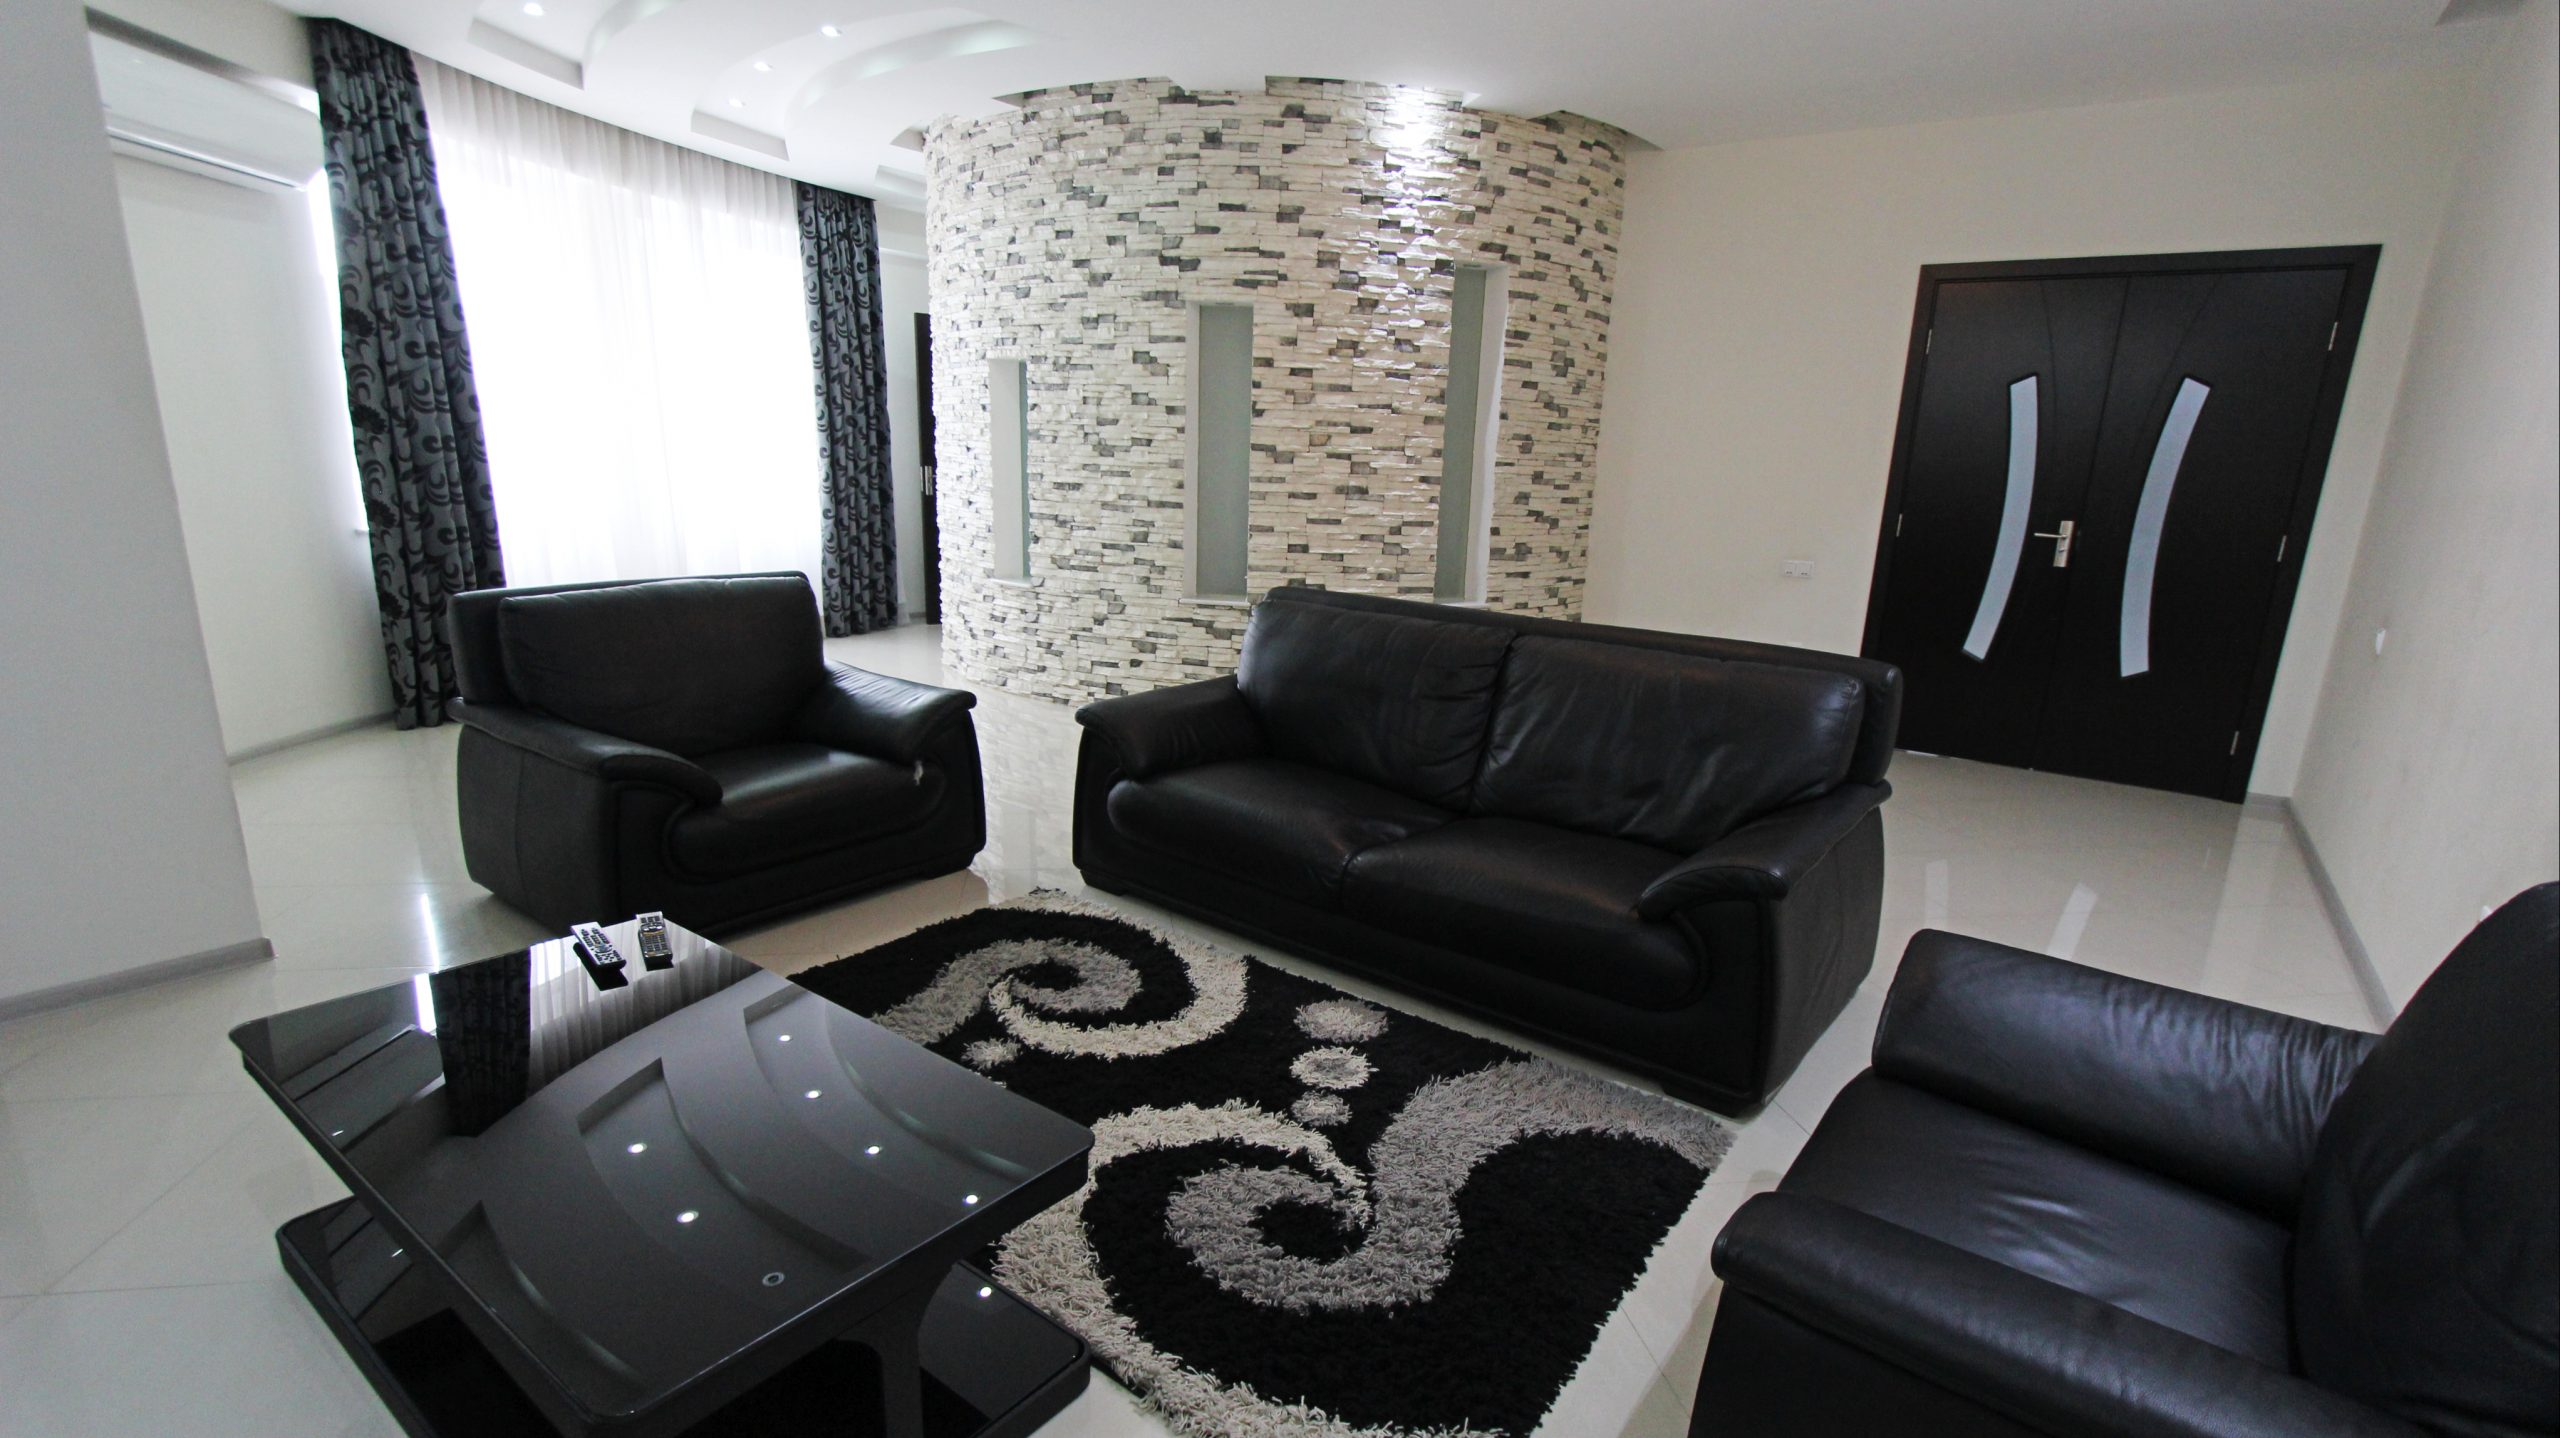 Продается Большая 3-Комнатная Квартира на Улице Асланиди